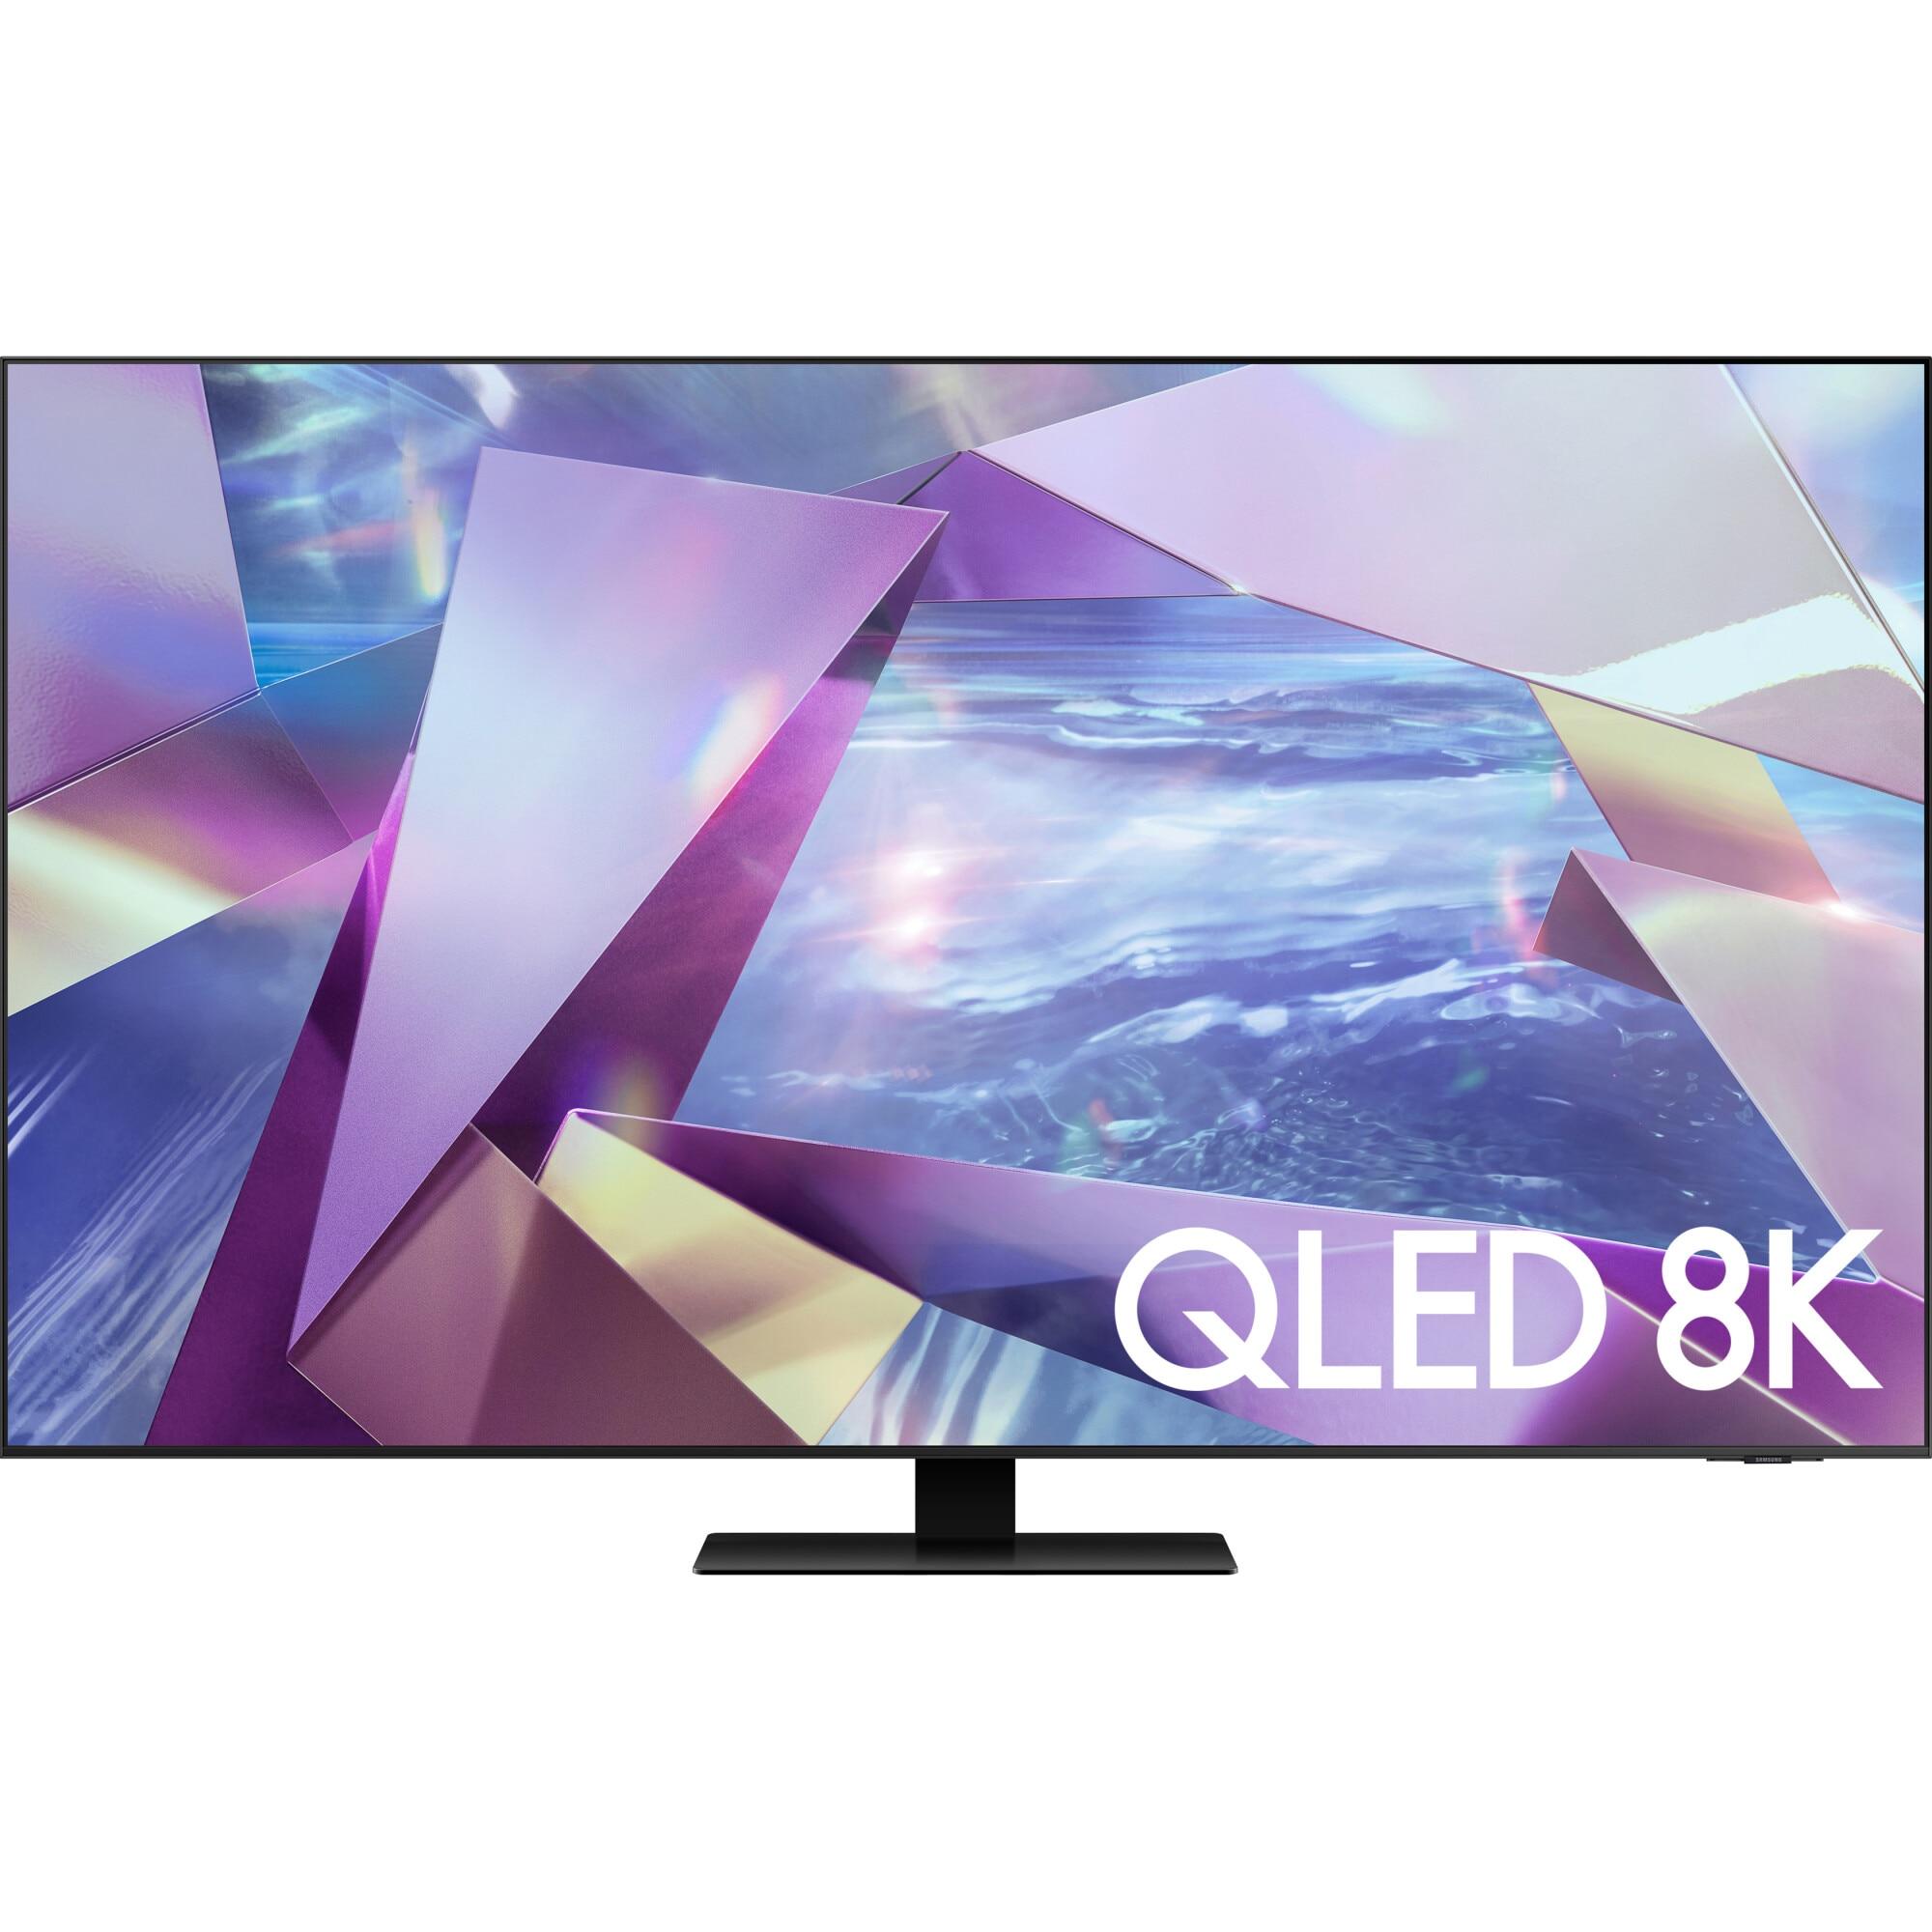 Fotografie Televizor Samsung 65Q700T, 163 cm, Smart, 8K Ultra HD, QLED, Clasa G